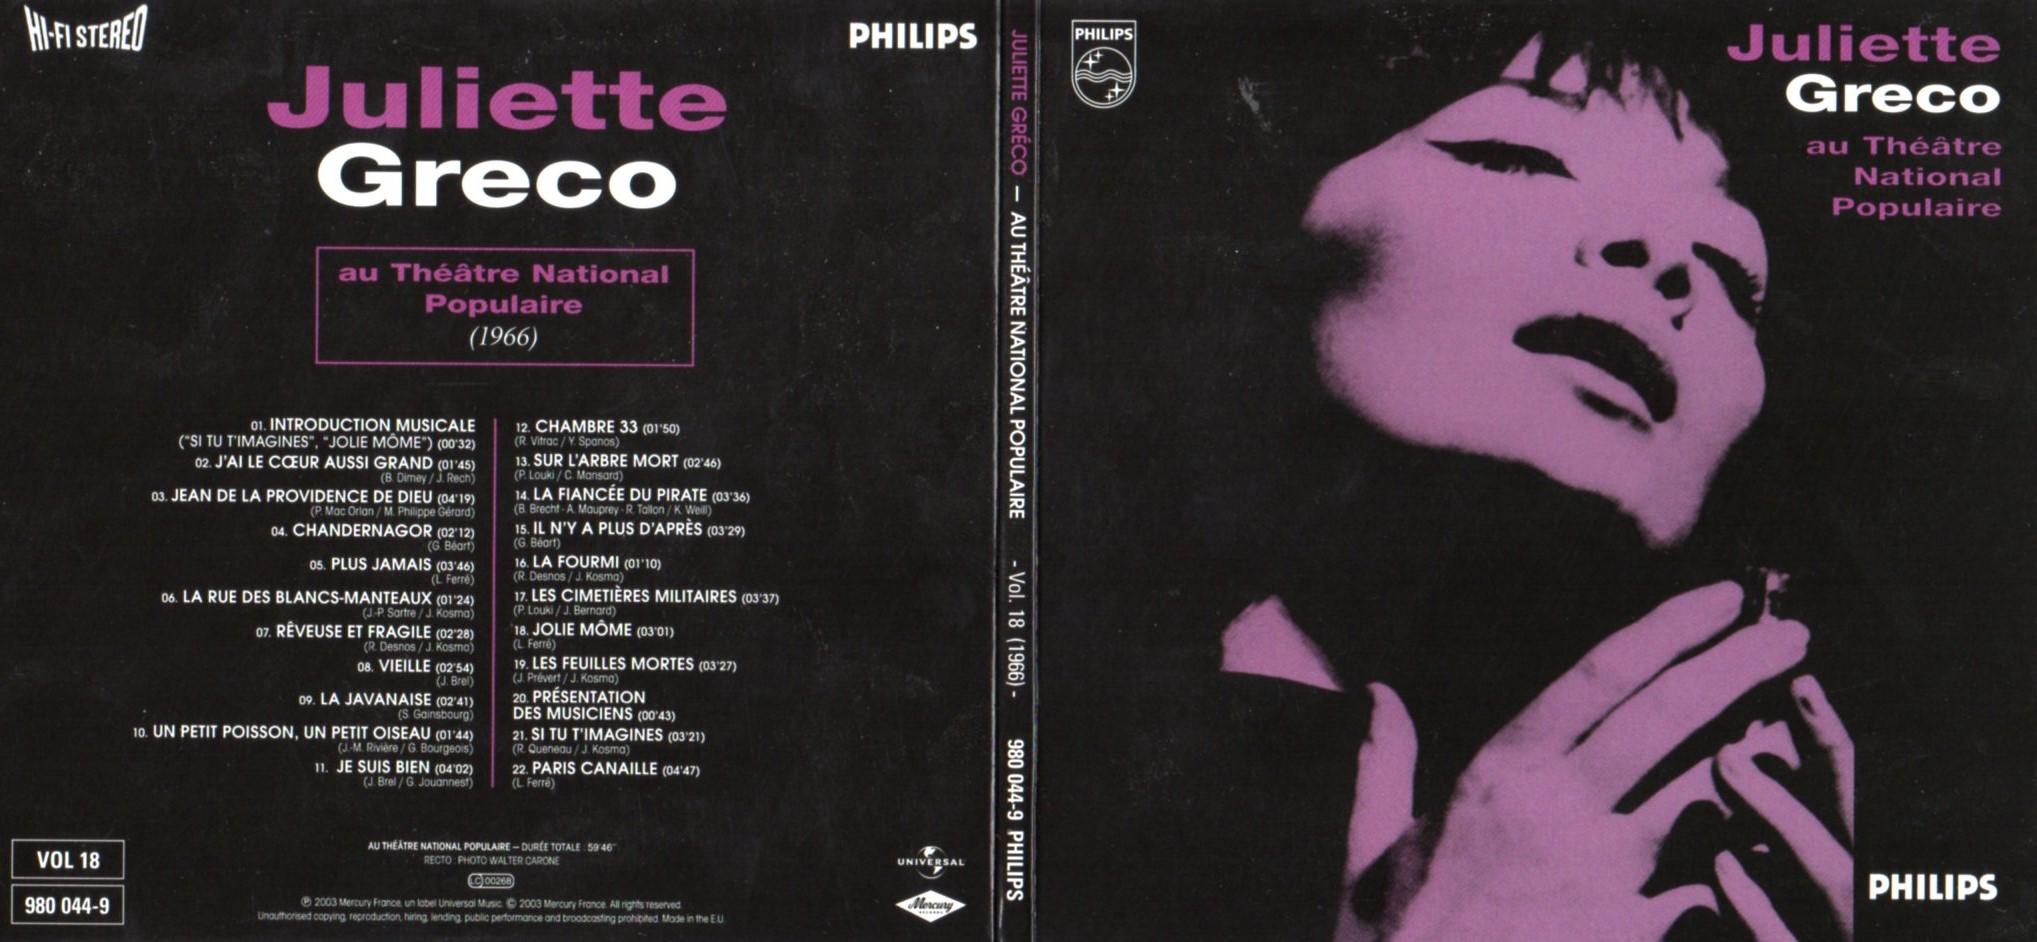 JULIETTE GRÉCO - Au théâtre National Populaire (1966) Gatefold Card board sleeve - CD